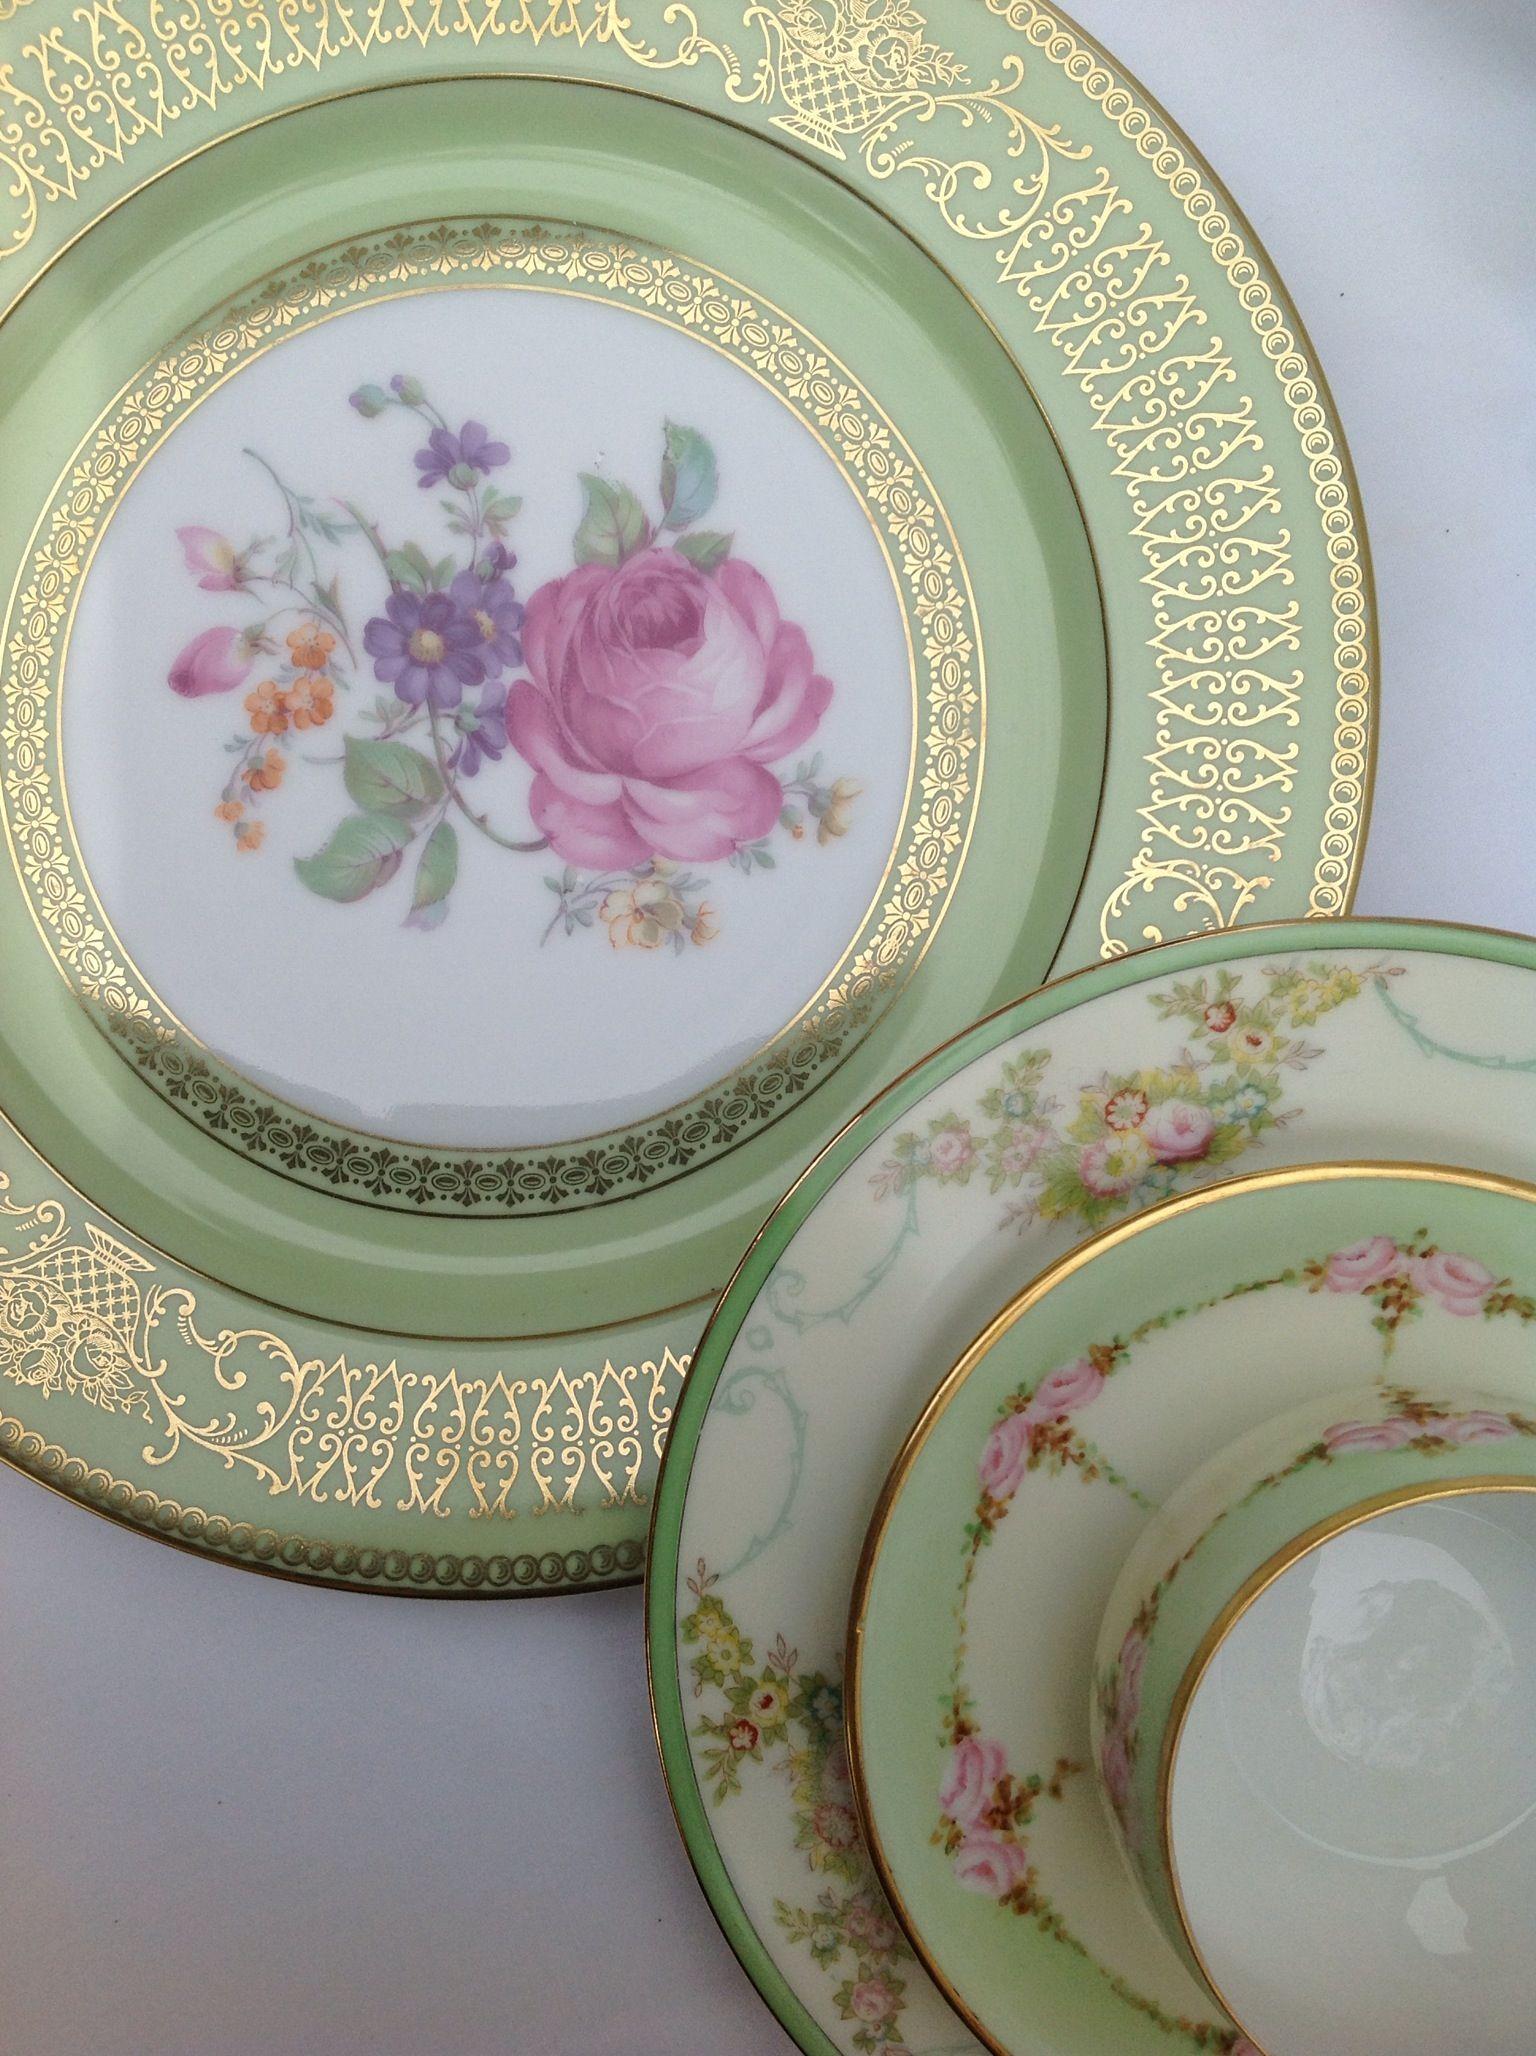 Tirschenreuth Dinner Plate Meito Salad